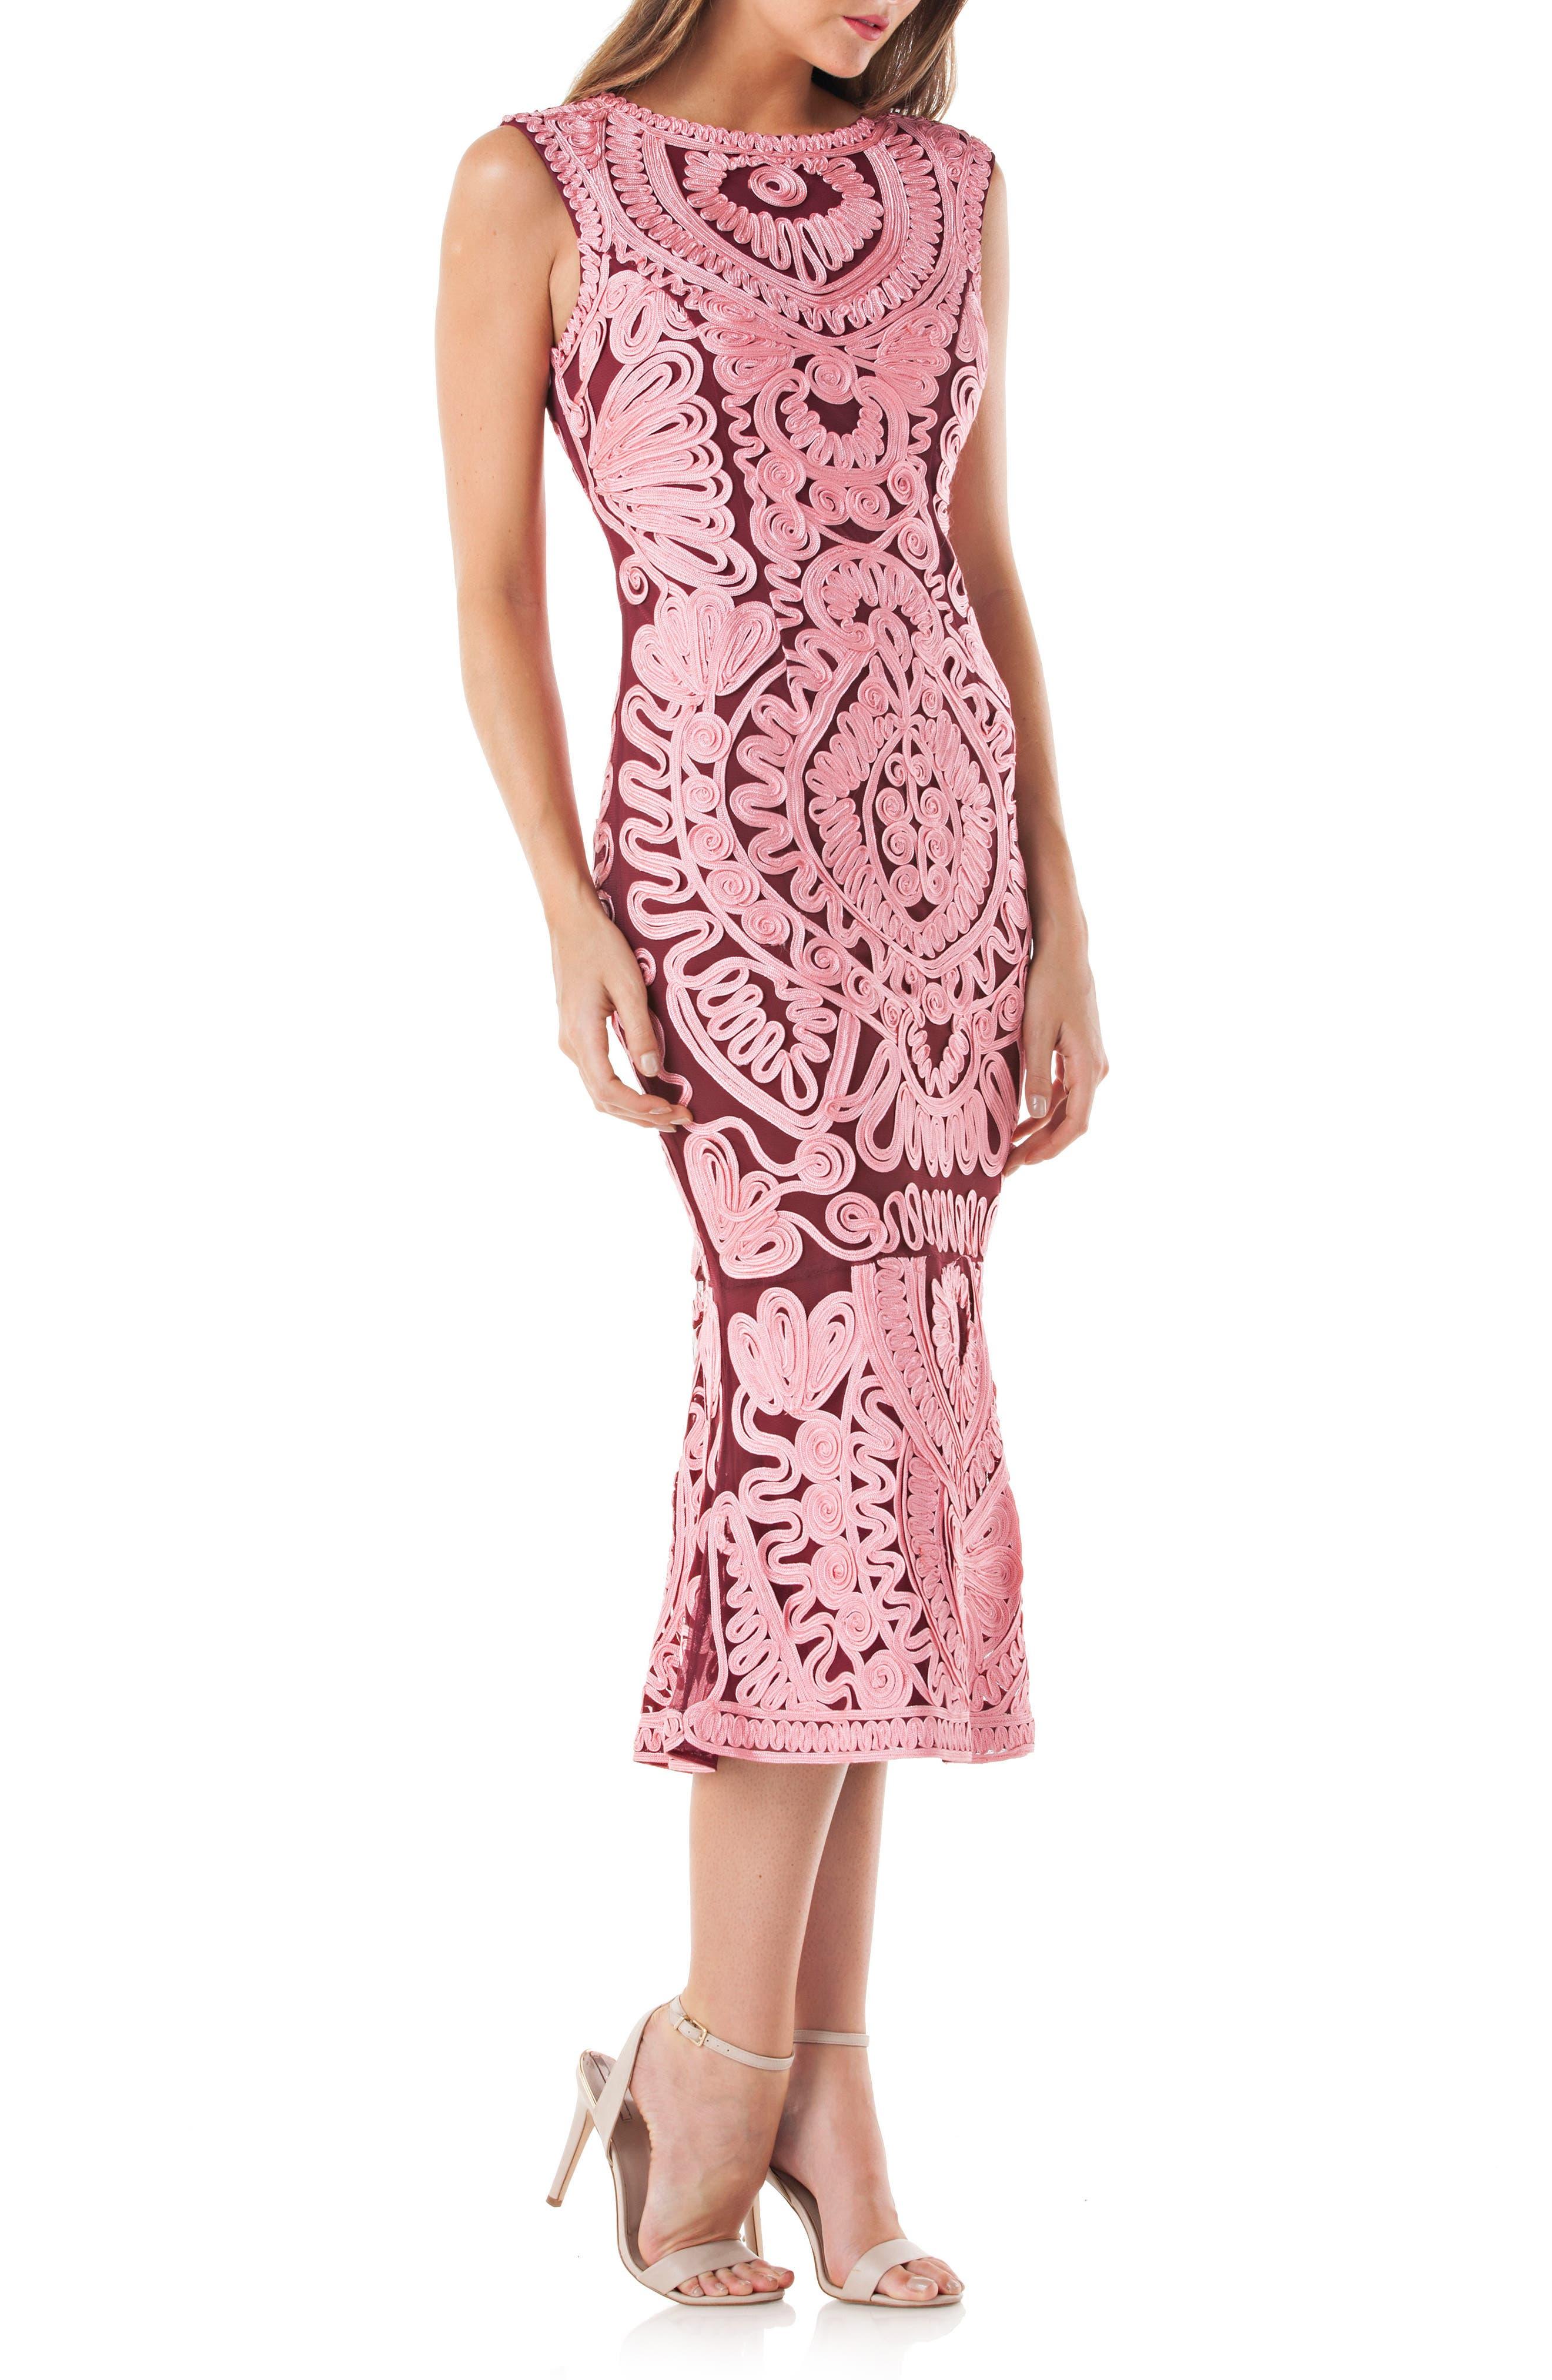 Soutache Mesh Dress,                             Main thumbnail 1, color,                             PINK/ WINE